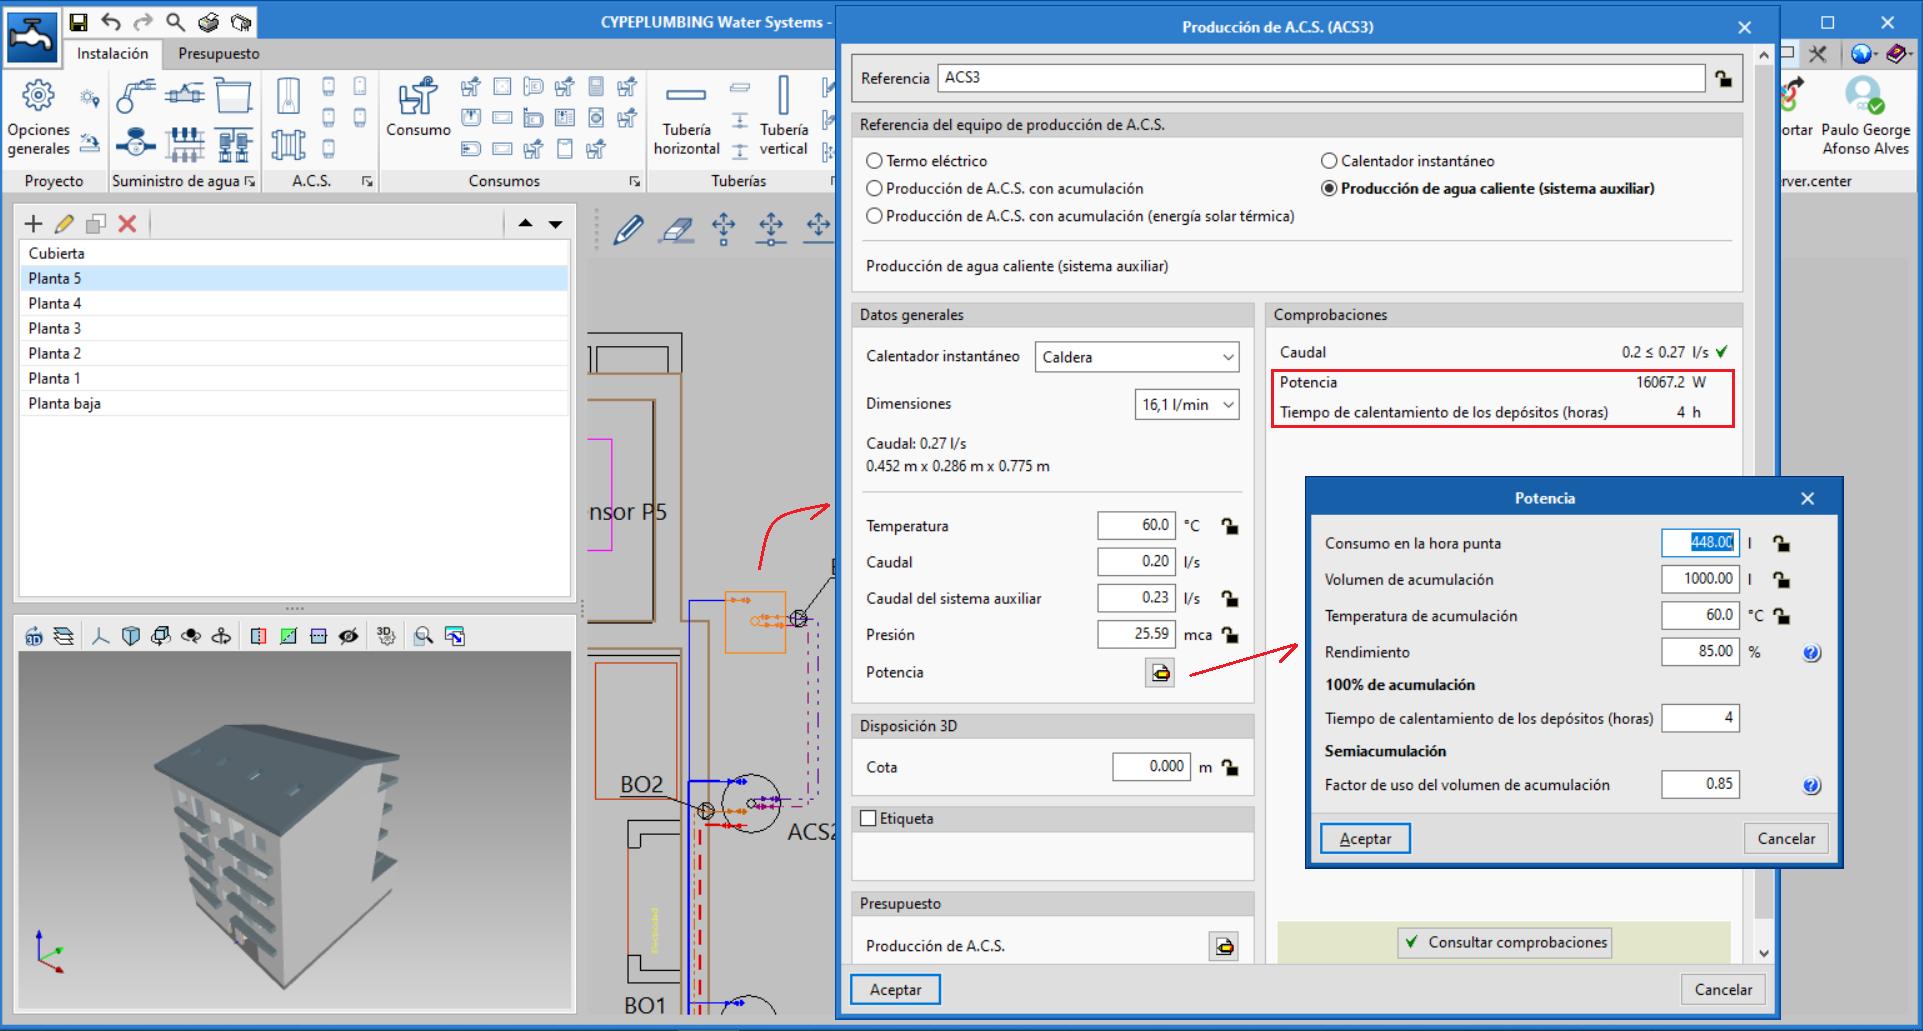 CYPEPLUMBING Water Systems. Cálculo de la potencia de los equipos de producción instantánea de A.C.S. en los sistemas directo y auxiliar